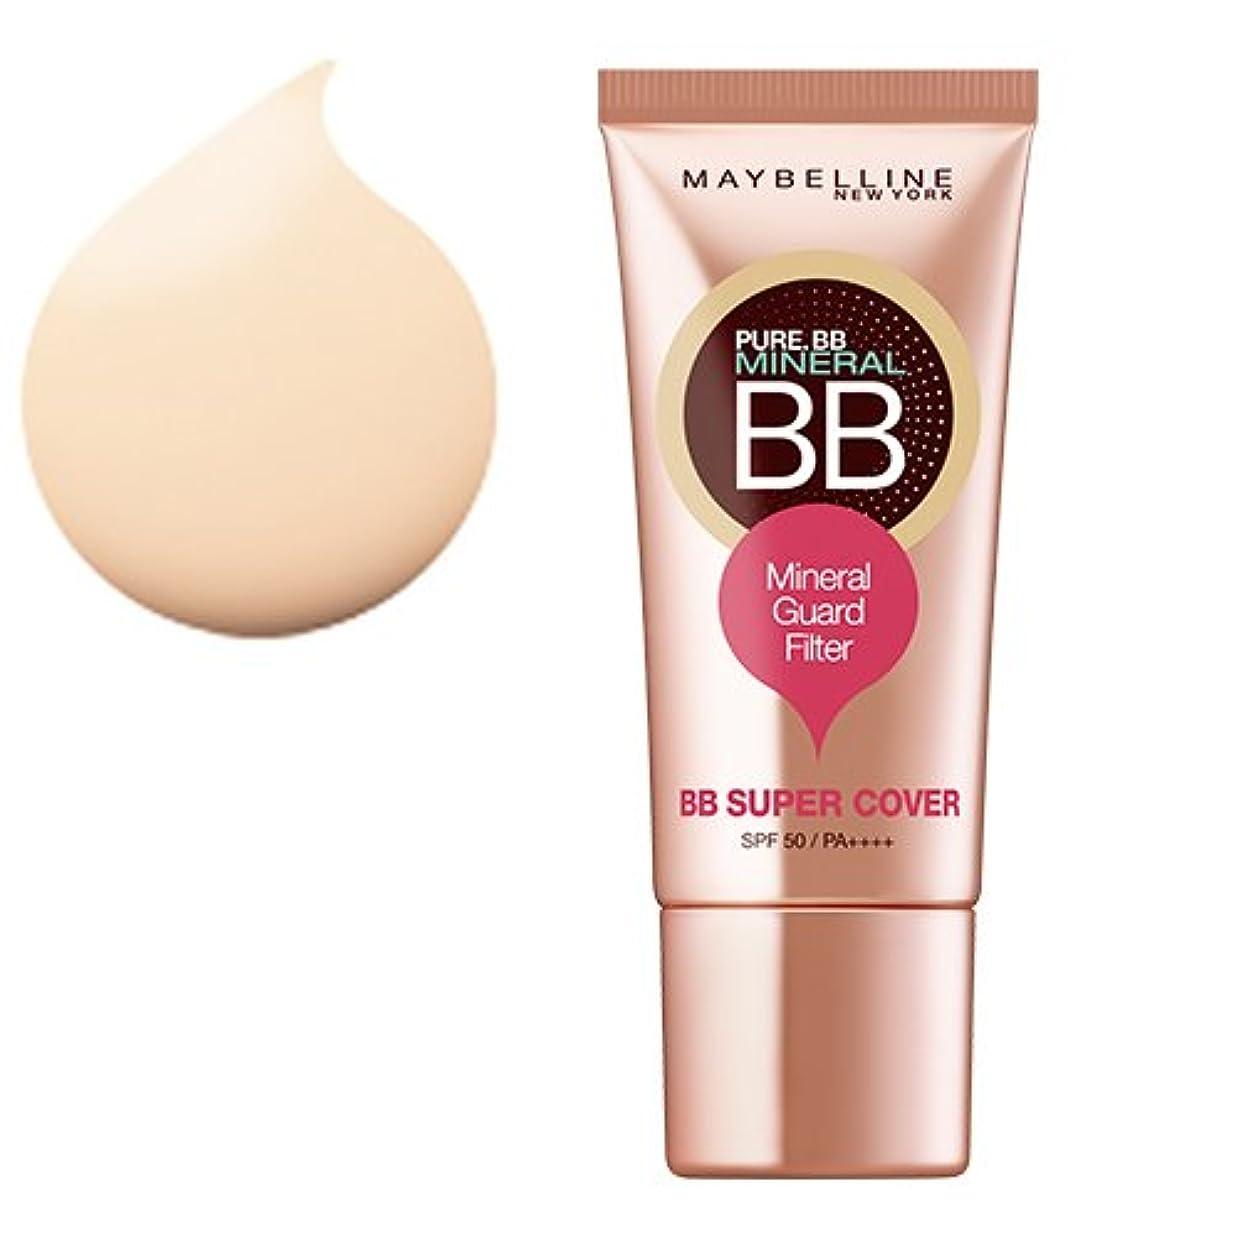 シングル良性不可能なメイベリン BBクリーム ピュアミネラル BB SP カバー 01 ナチュラル ベージュ